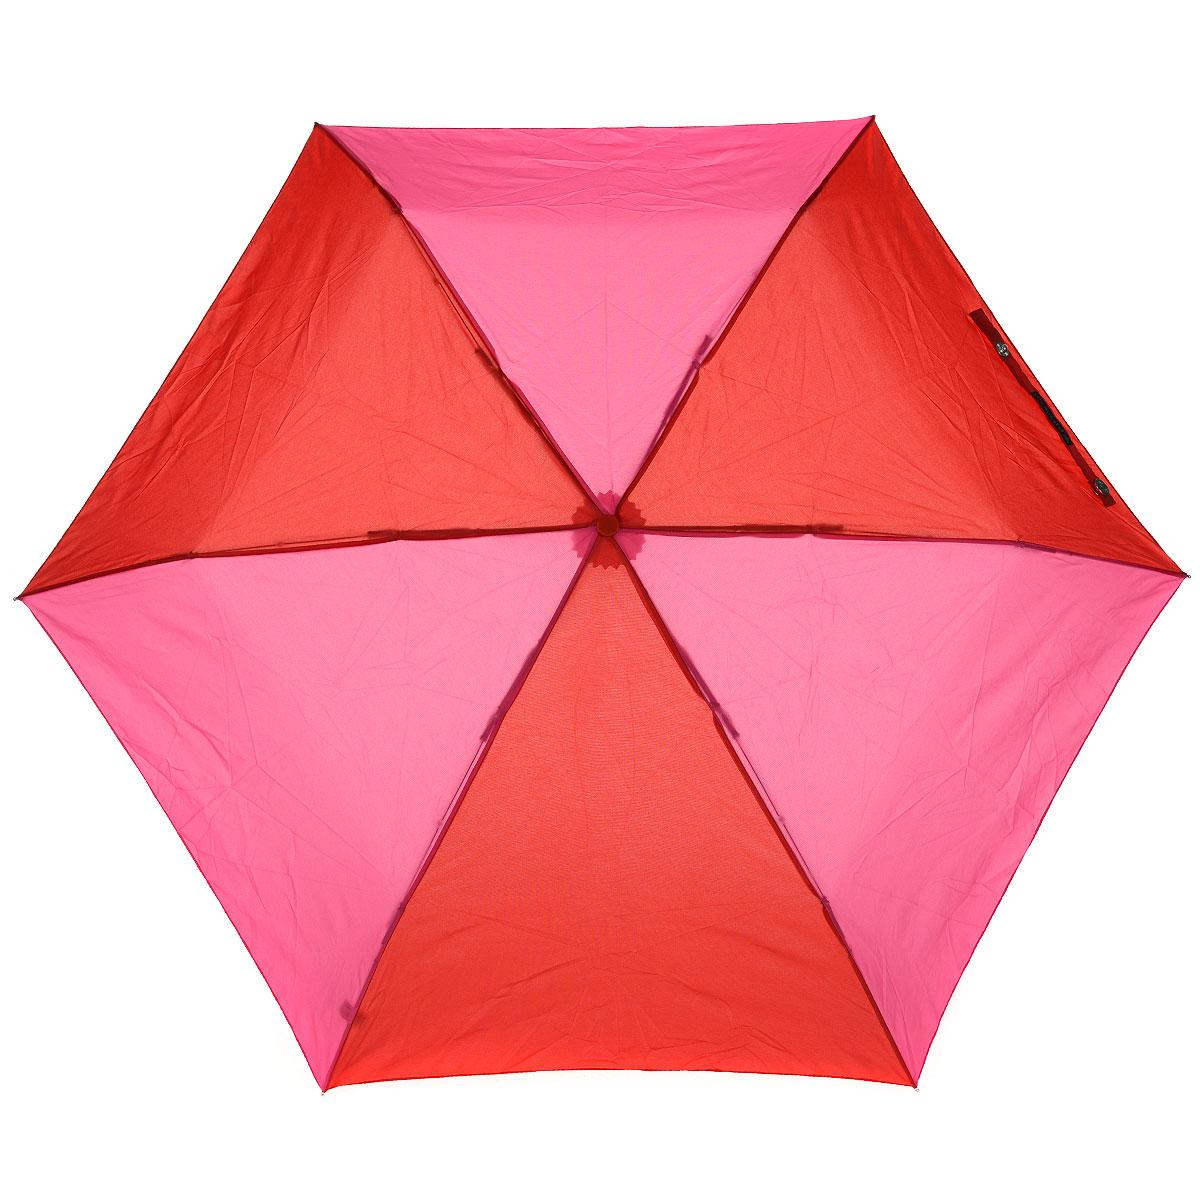 """Зонт женский Lulu Guinness Dice Handle, механический, 3 сложения, цвет: розовый, красныйL 718 3S2548Стильный зонт """"Dice Handle"""" защитит от непогоды, а его компактный размер позволит вам всегда носить его с собой. """"Ветростойкий"""" каркас зонта выполнен из алюминия и состоит из шести спиц с элементами из фибергласса, зонт оснащен удобной рукояткой из пластика, изготовленной в виде игральной кости. Купол зонта выполнен из прочного полиэстера красно-розового цвета. На рукоятке для удобства есть небольшой шнурок-резинка, позволяющий надеть зонт на руку тогда, когда это будет необходимо. К зонту прилагается чехол на липучке. Зонт механического сложения: купол открывается и закрывается вручную, стержень также складывается вручную до характерного щелчка. Характеристики: Материал: алюминий, фибергласс, пластик, полиэстер. Цвет: розовый, красный. Длина ручки (стержня) в раскрытом виде: 52 см. Вес: 138 г. Диаметр зонта (в сложенном виде): 3 см. Артикул: L 718 3S2548."""